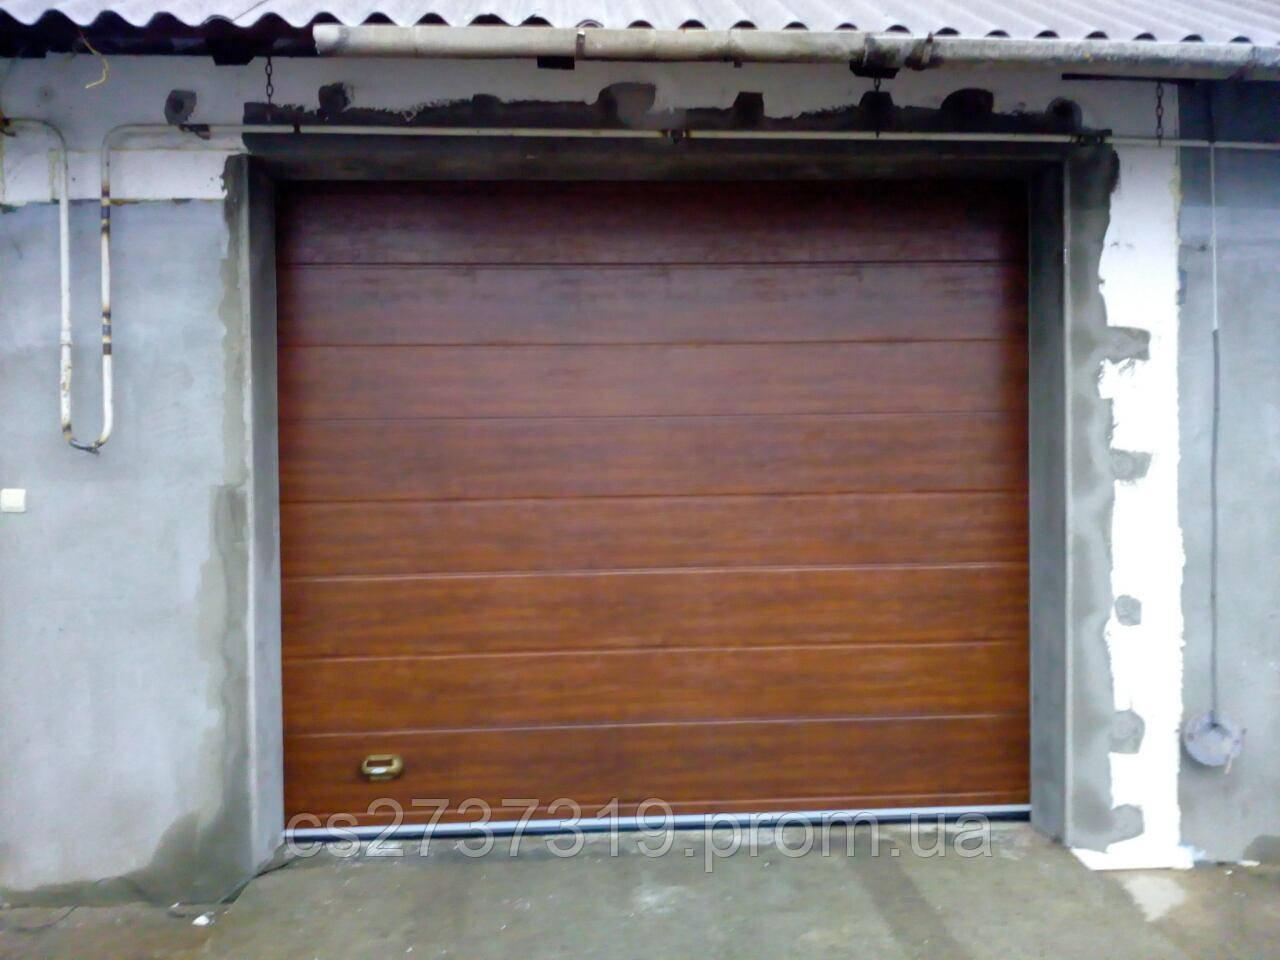 Гаражные секционные ворота  DoorHan 3070*2600, автоматические